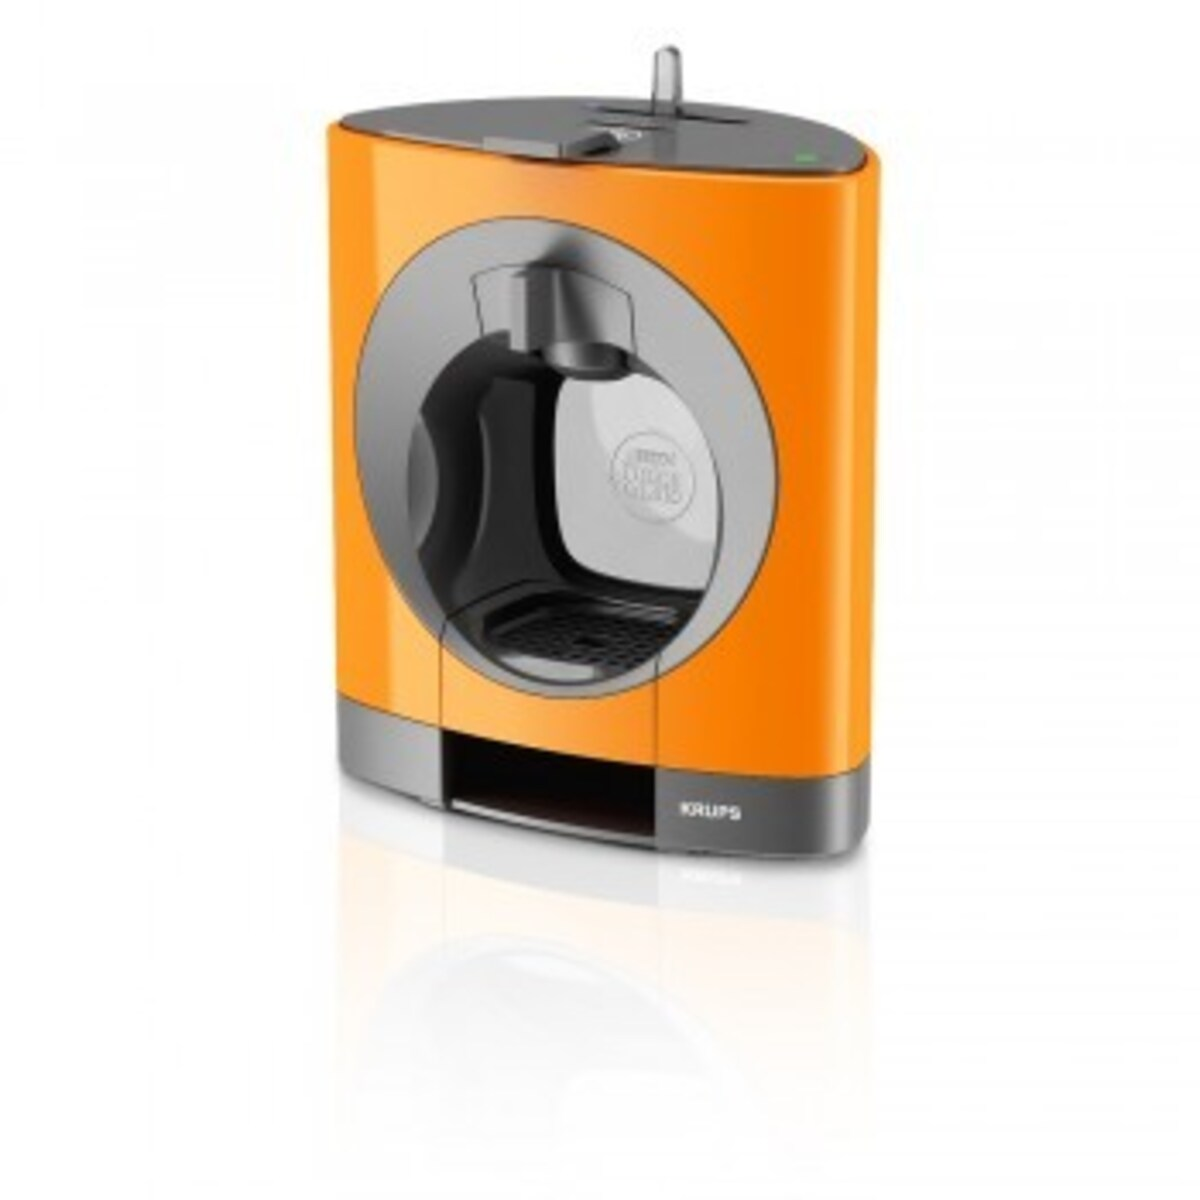 Nescafe Dolce Gusto - Oblo, оранжева